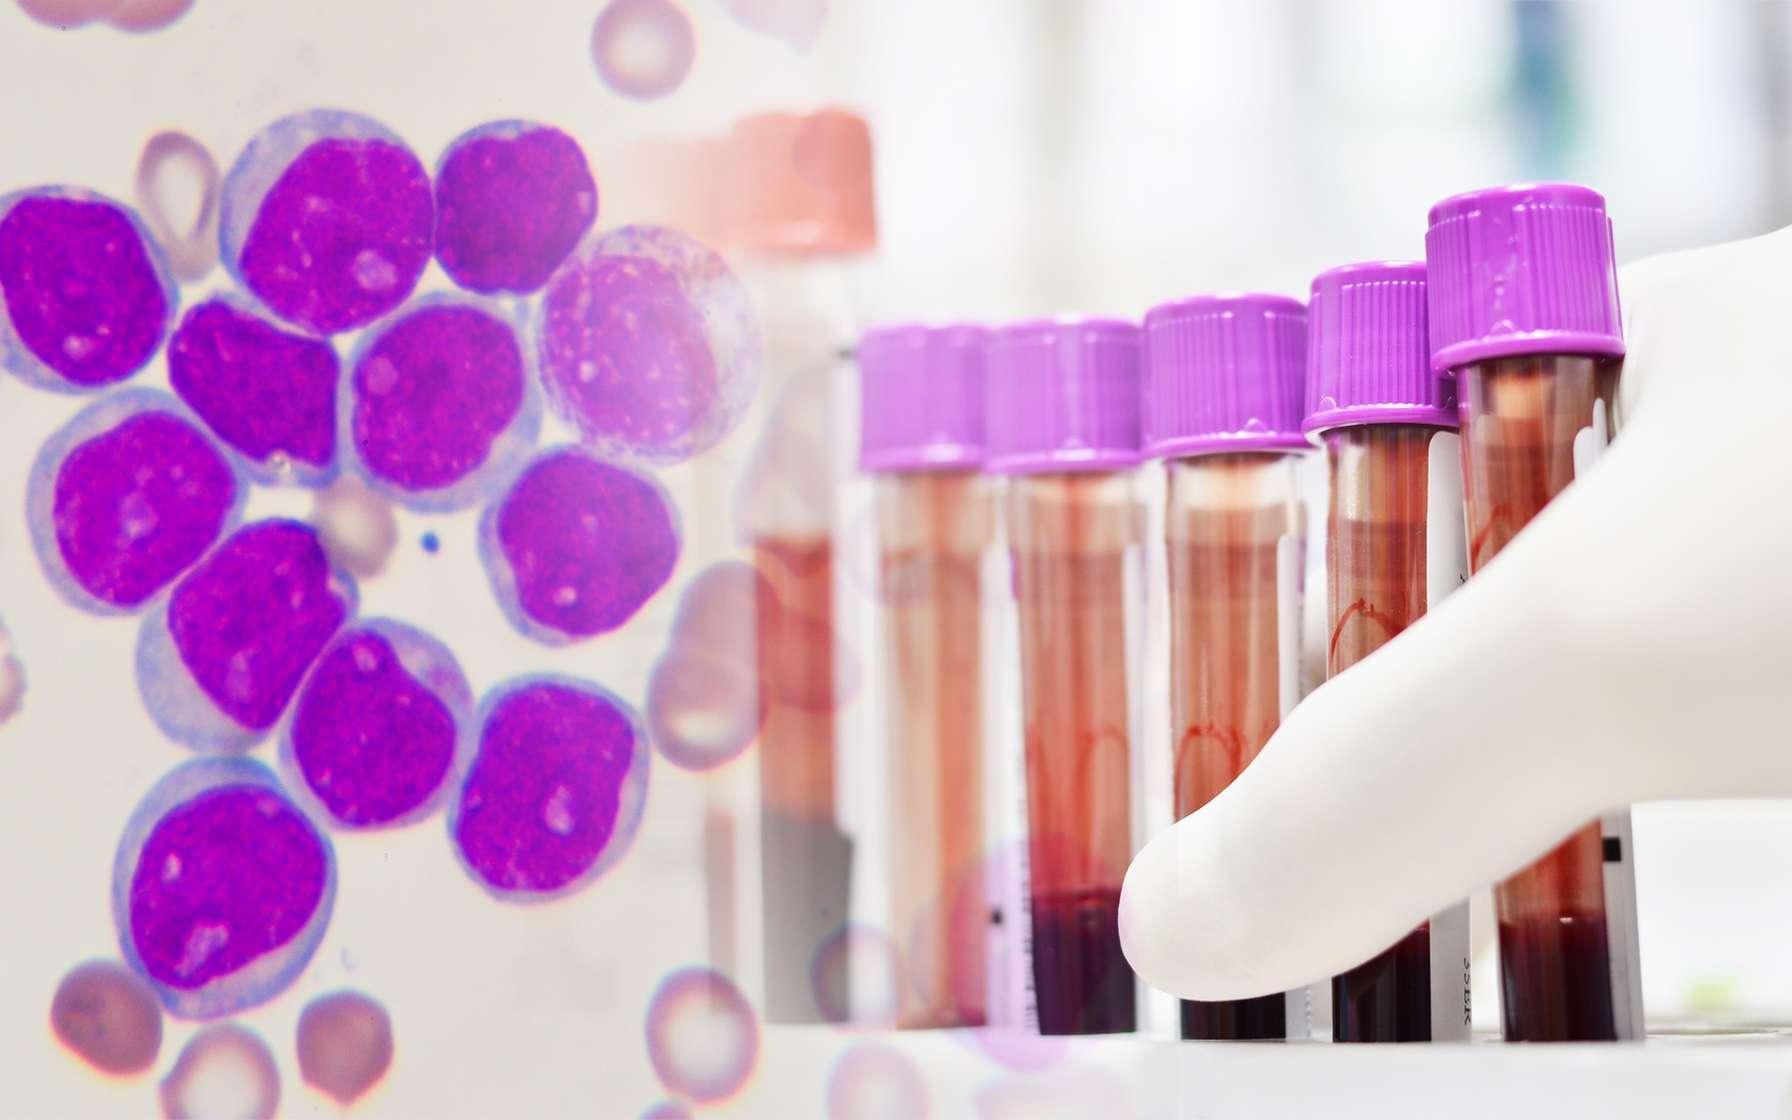 Les cellules CAR-T sont un espoir pour traiter des cancers du sang comme des leucémies. © kukhunthod, Fotolia